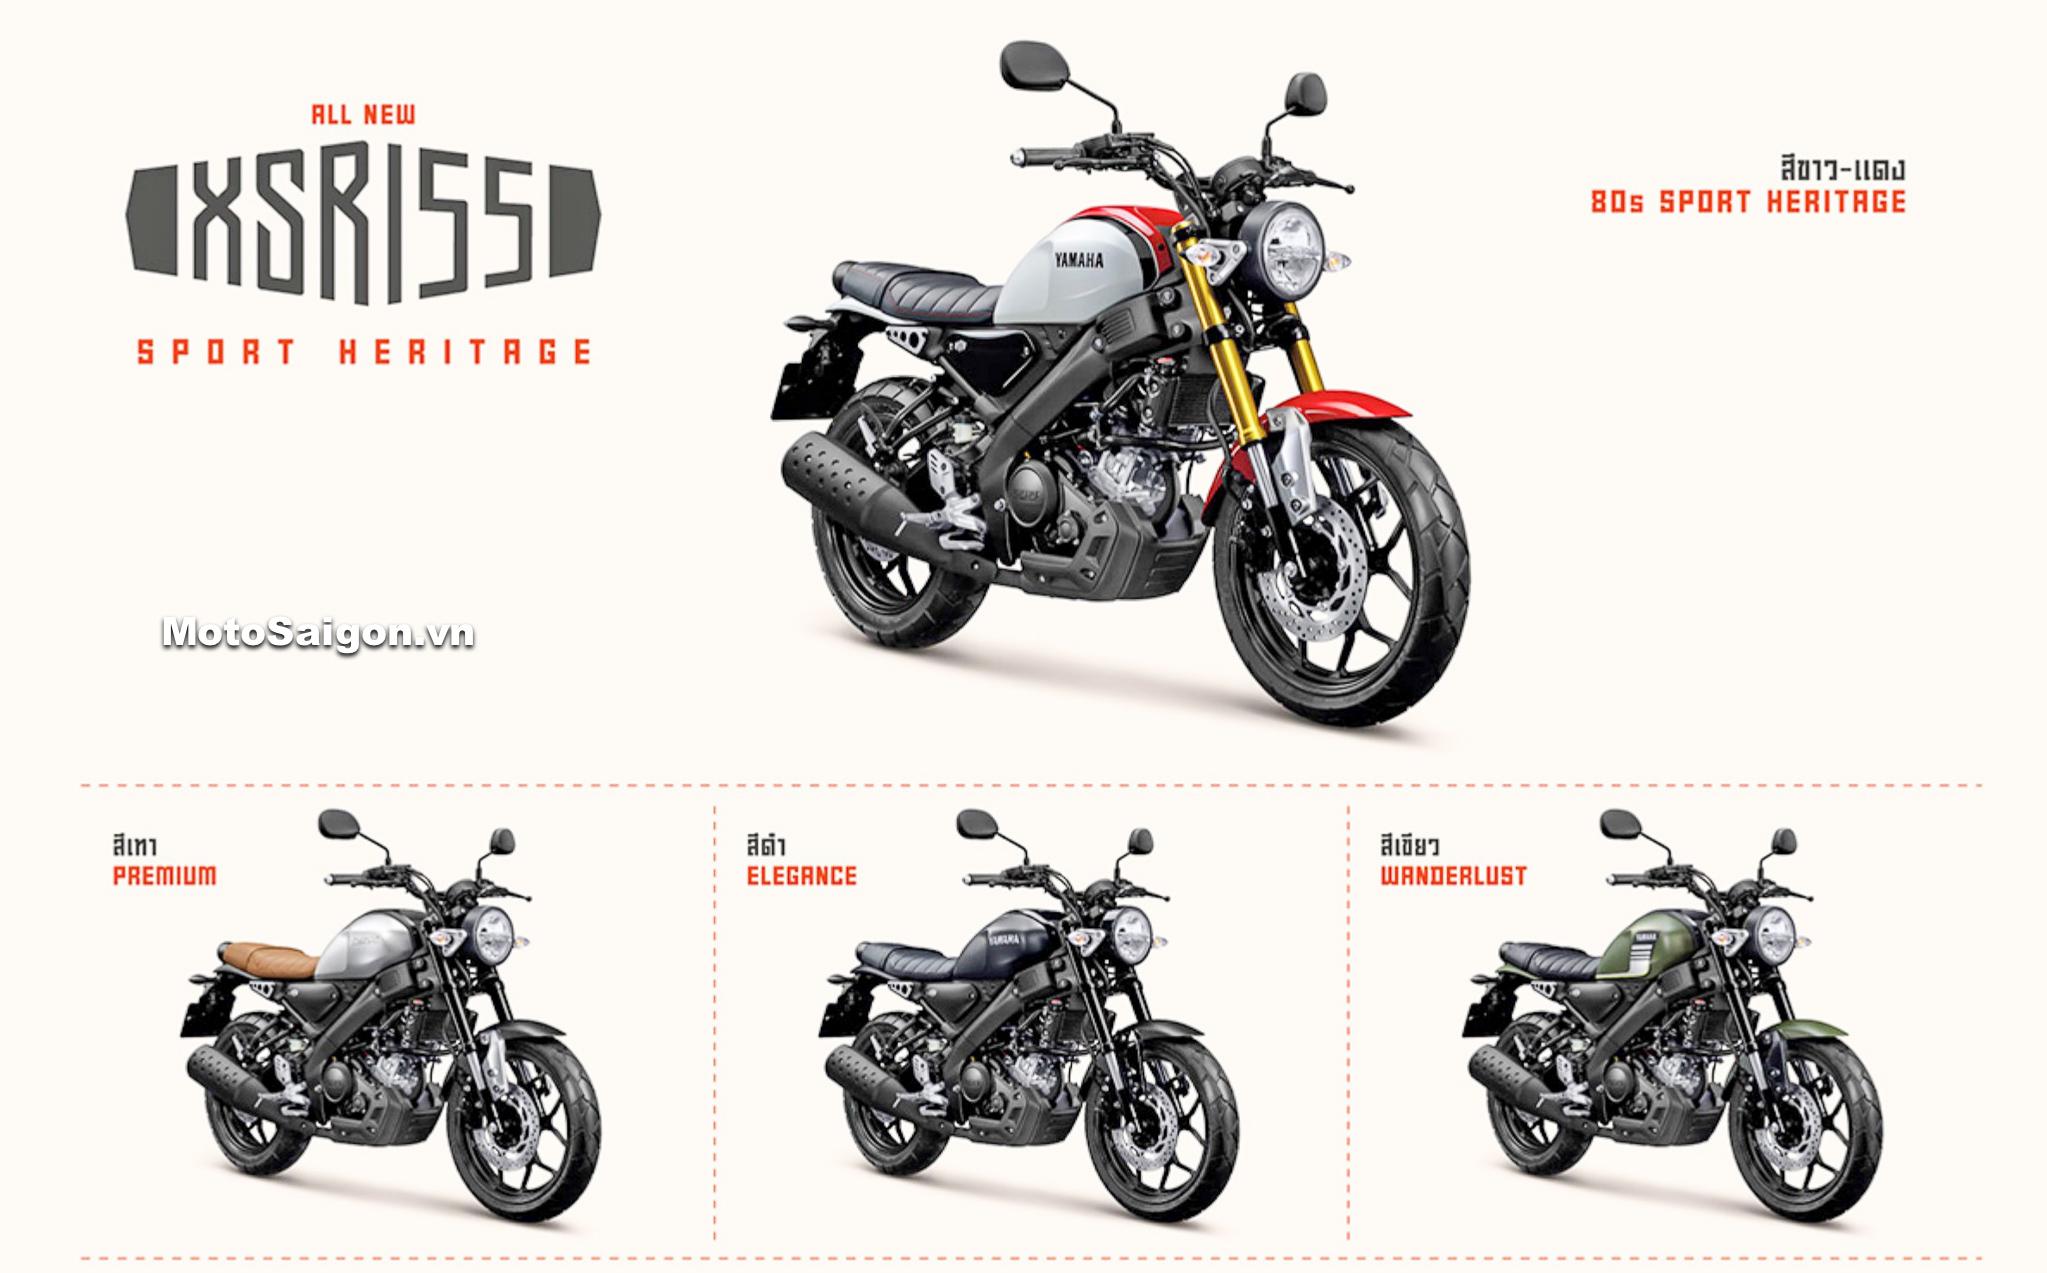 Các phiên bản màu của Yamaha XSR155